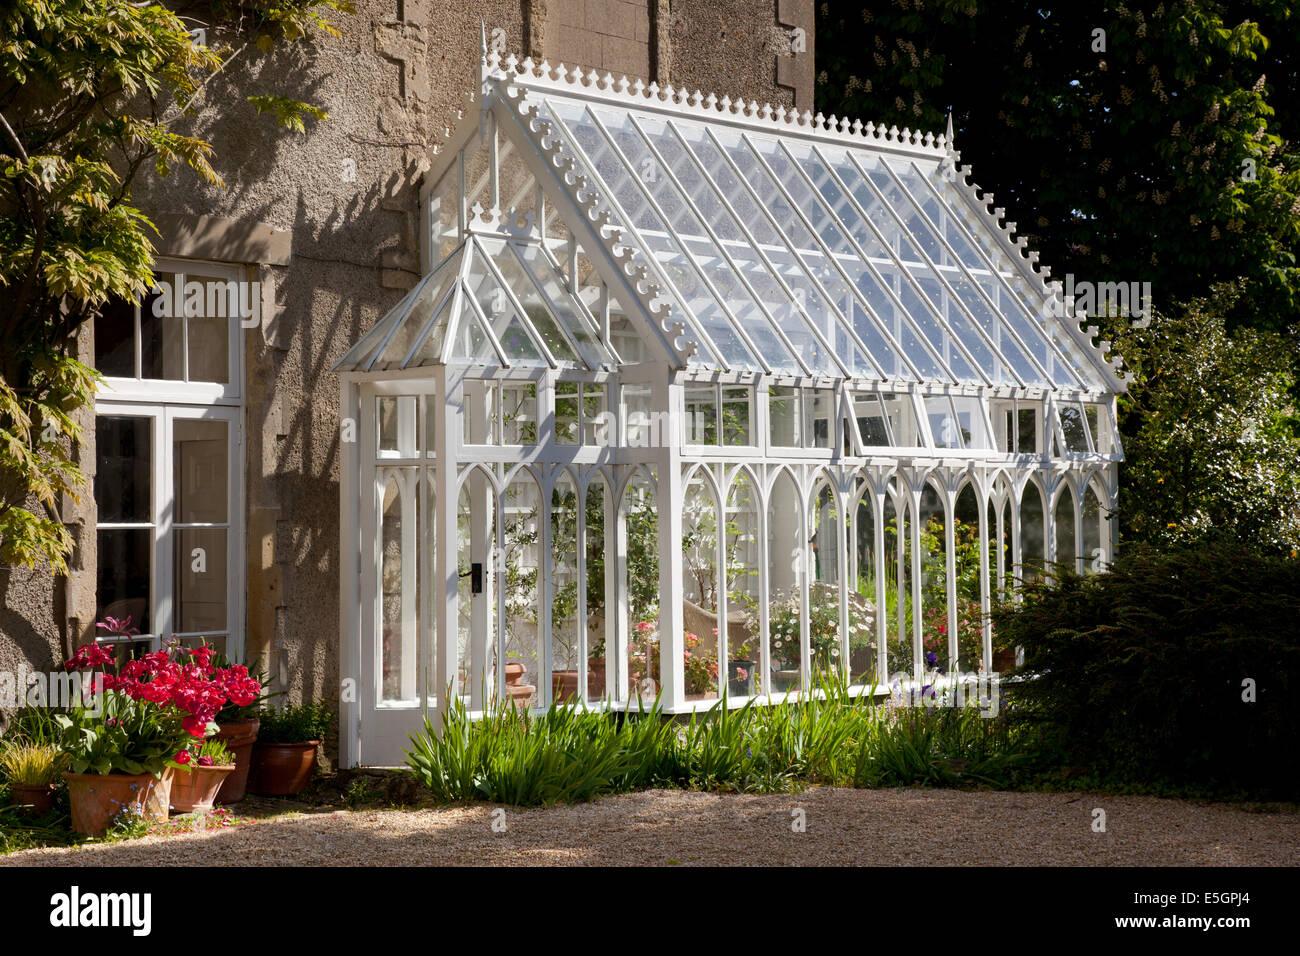 Les émissions traditionnelles en bois attachés sur le côté de la maison, jardin anglais, Angleterre Banque D'Images